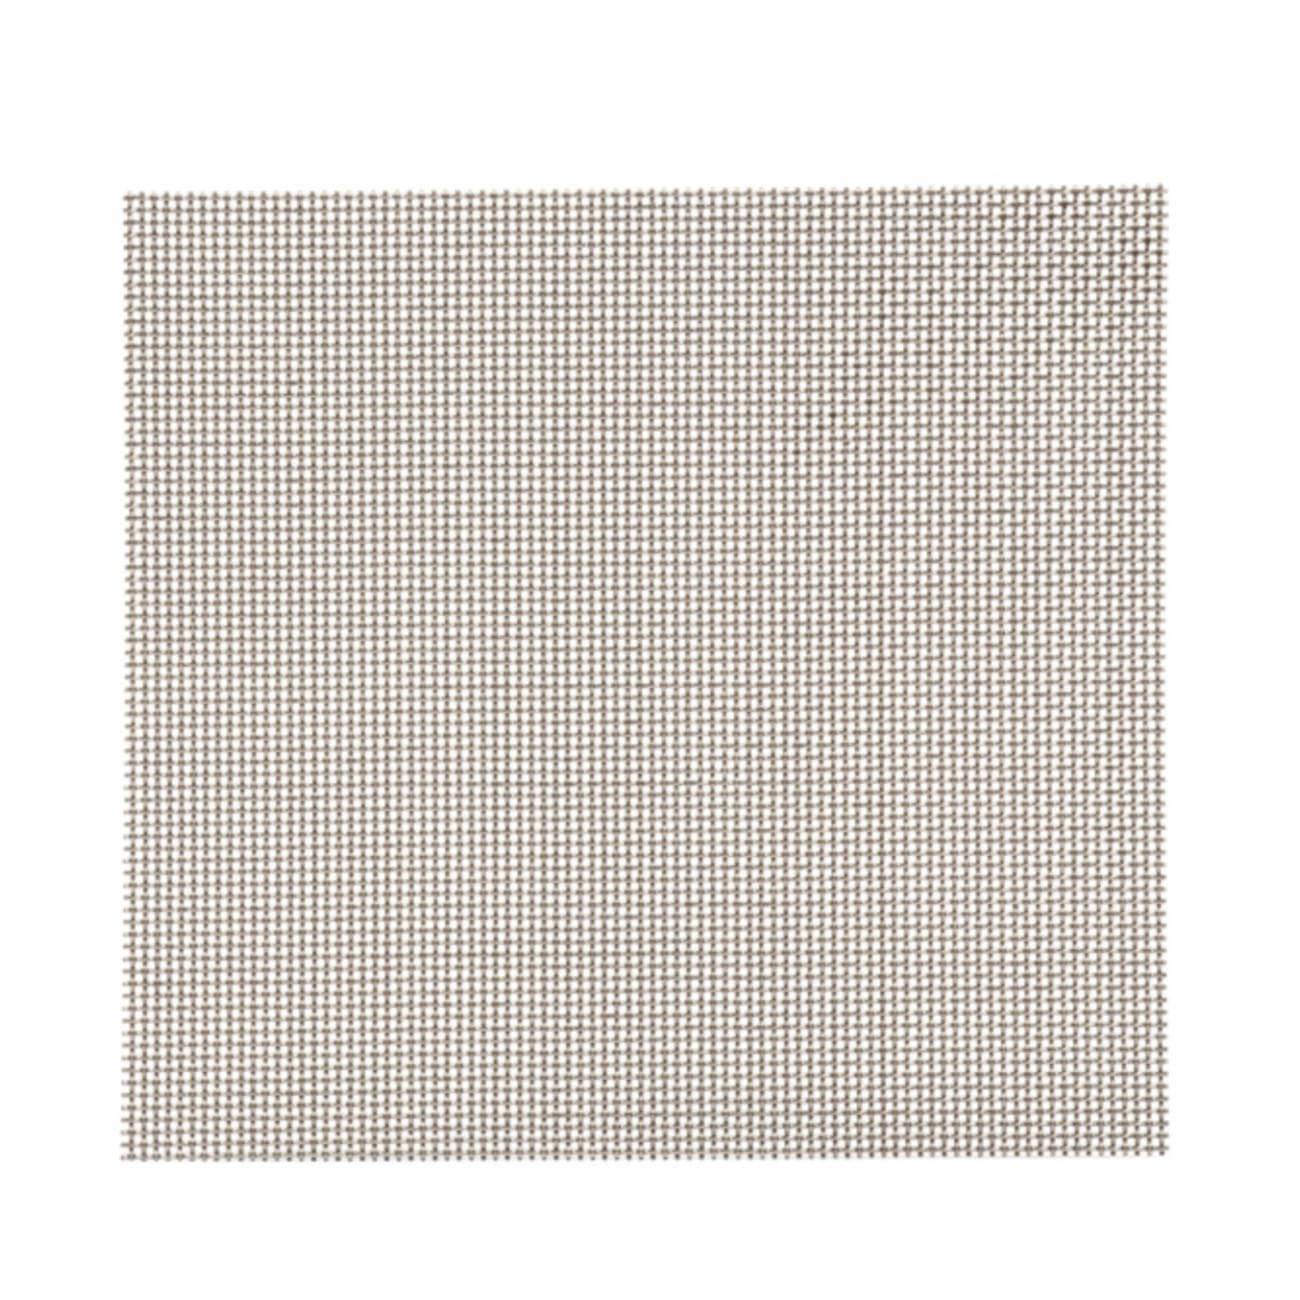 M02024 Fine Woven Wire Mesh Per Metre: 0.7 Openings